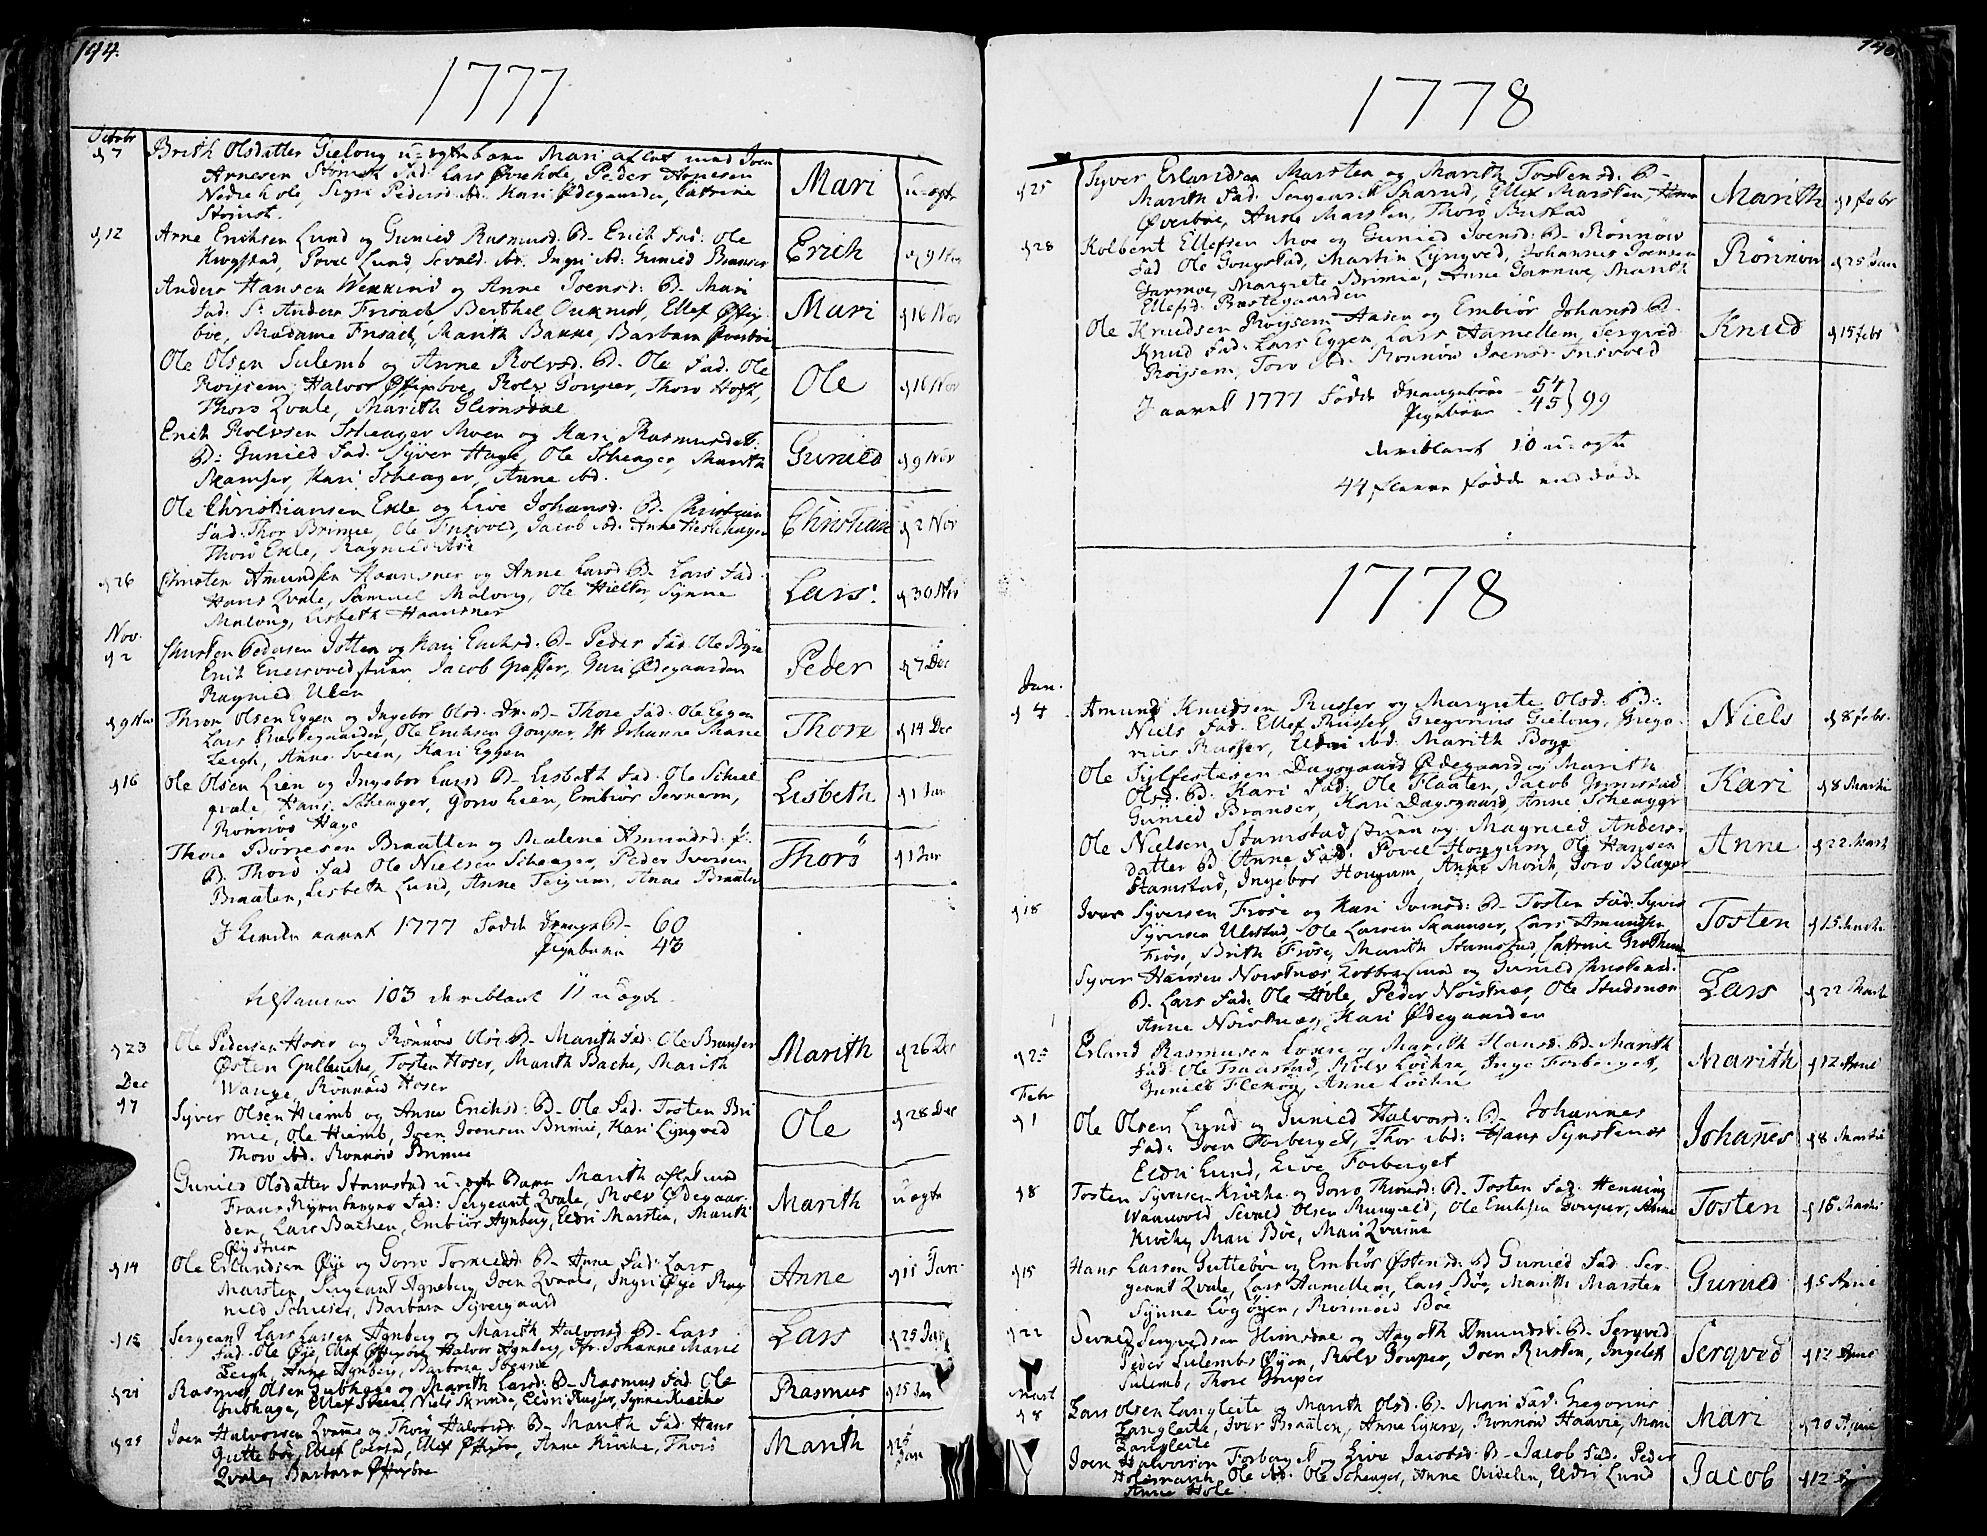 SAH, Lom prestekontor, K/L0002: Ministerialbok nr. 2, 1749-1801, s. 144-145